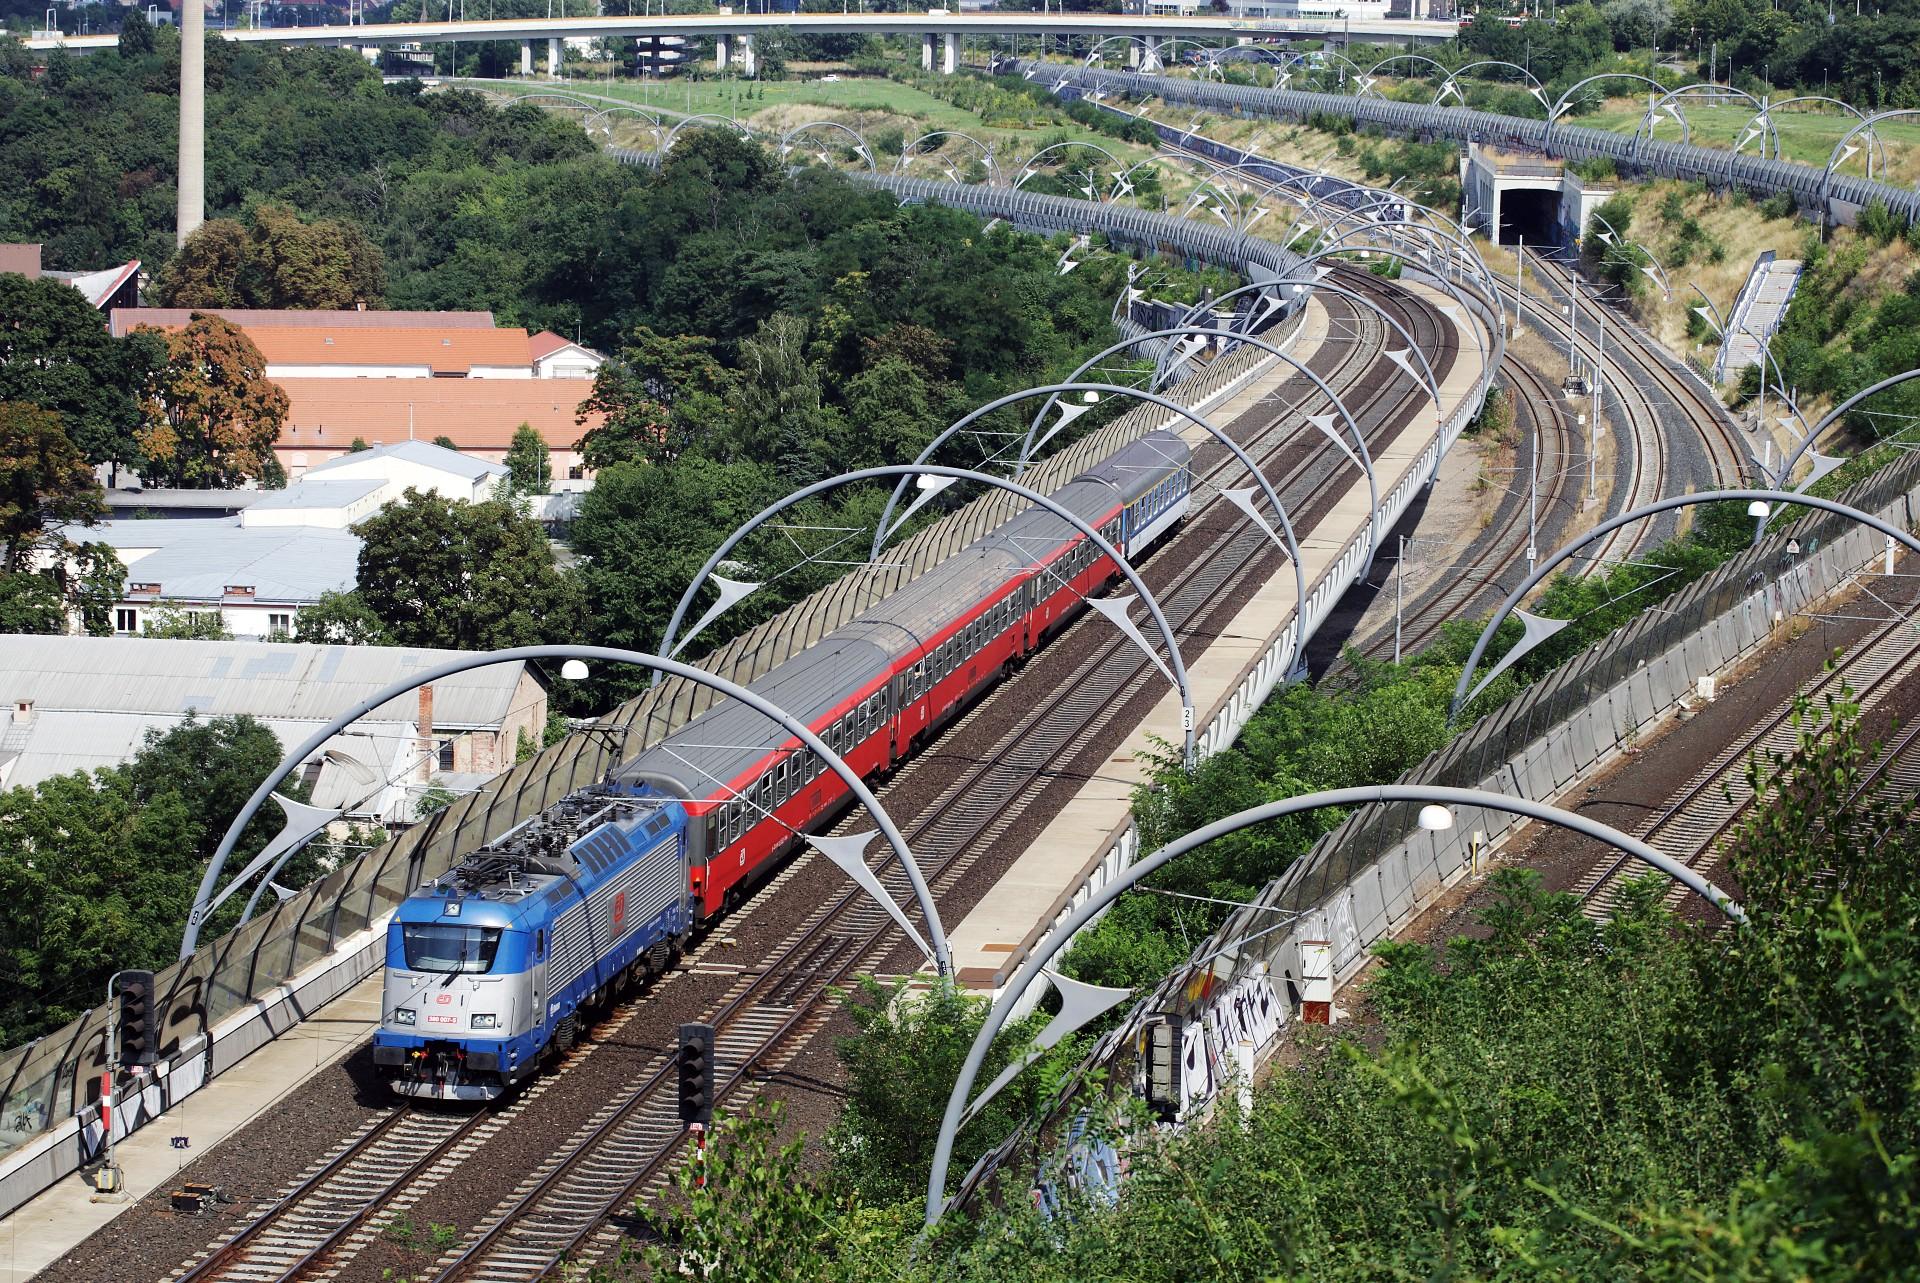 A prágai főpályaudvar közelében hasít gyorsvonatával az egyik 380-as